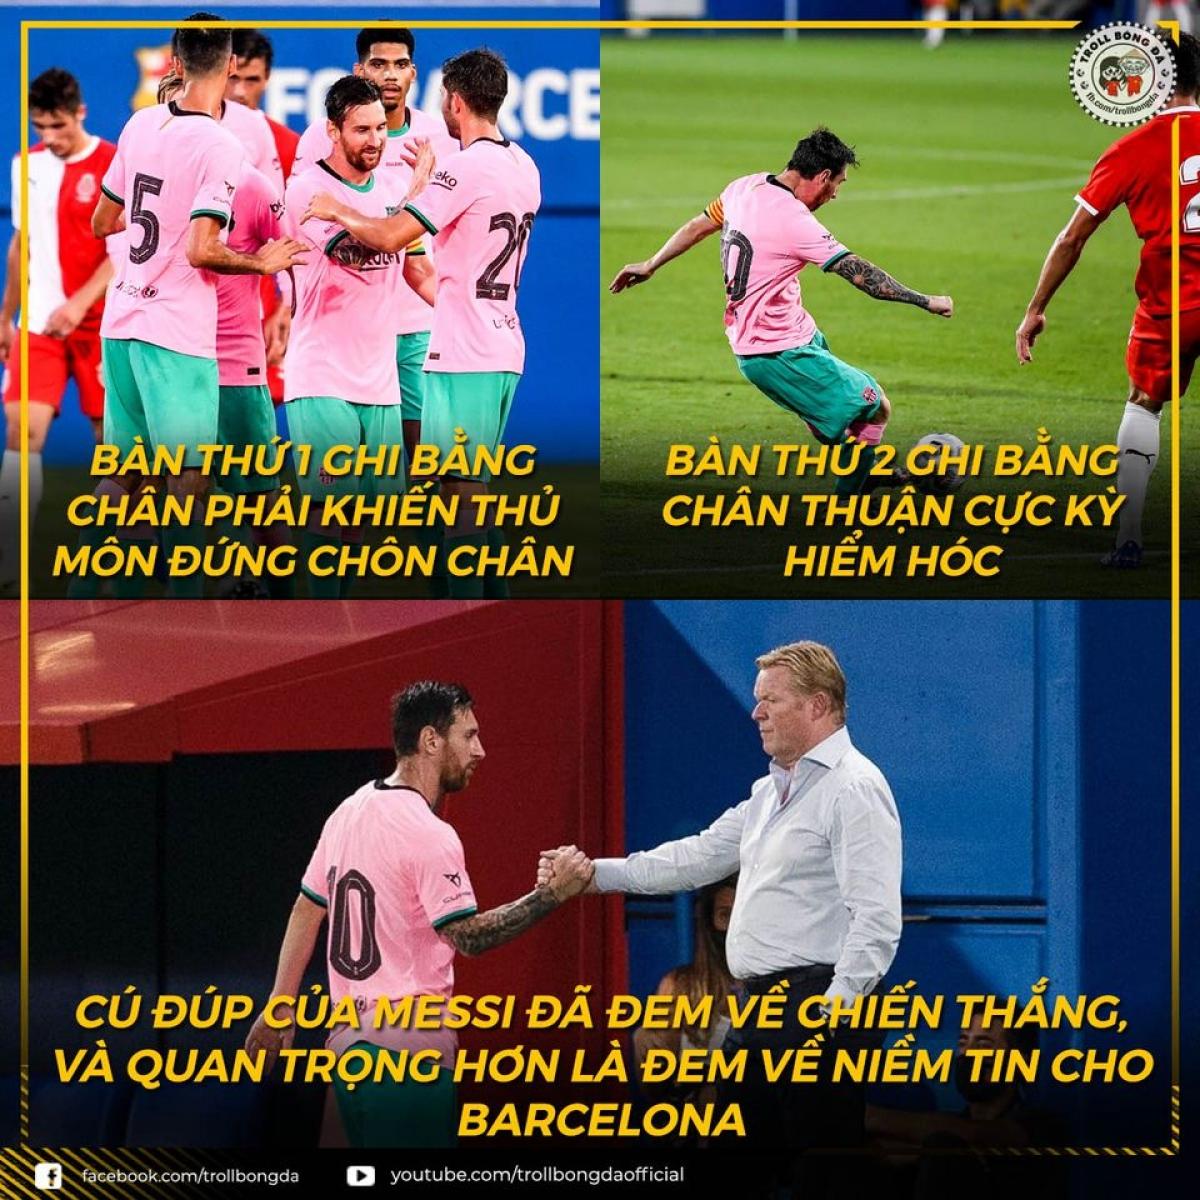 Tình hình của Barca đang dần tốt lên khi Messi chơi ổn trong những trận giao hữu trước mùa giải. (Ảnh: Troll bóng đá).